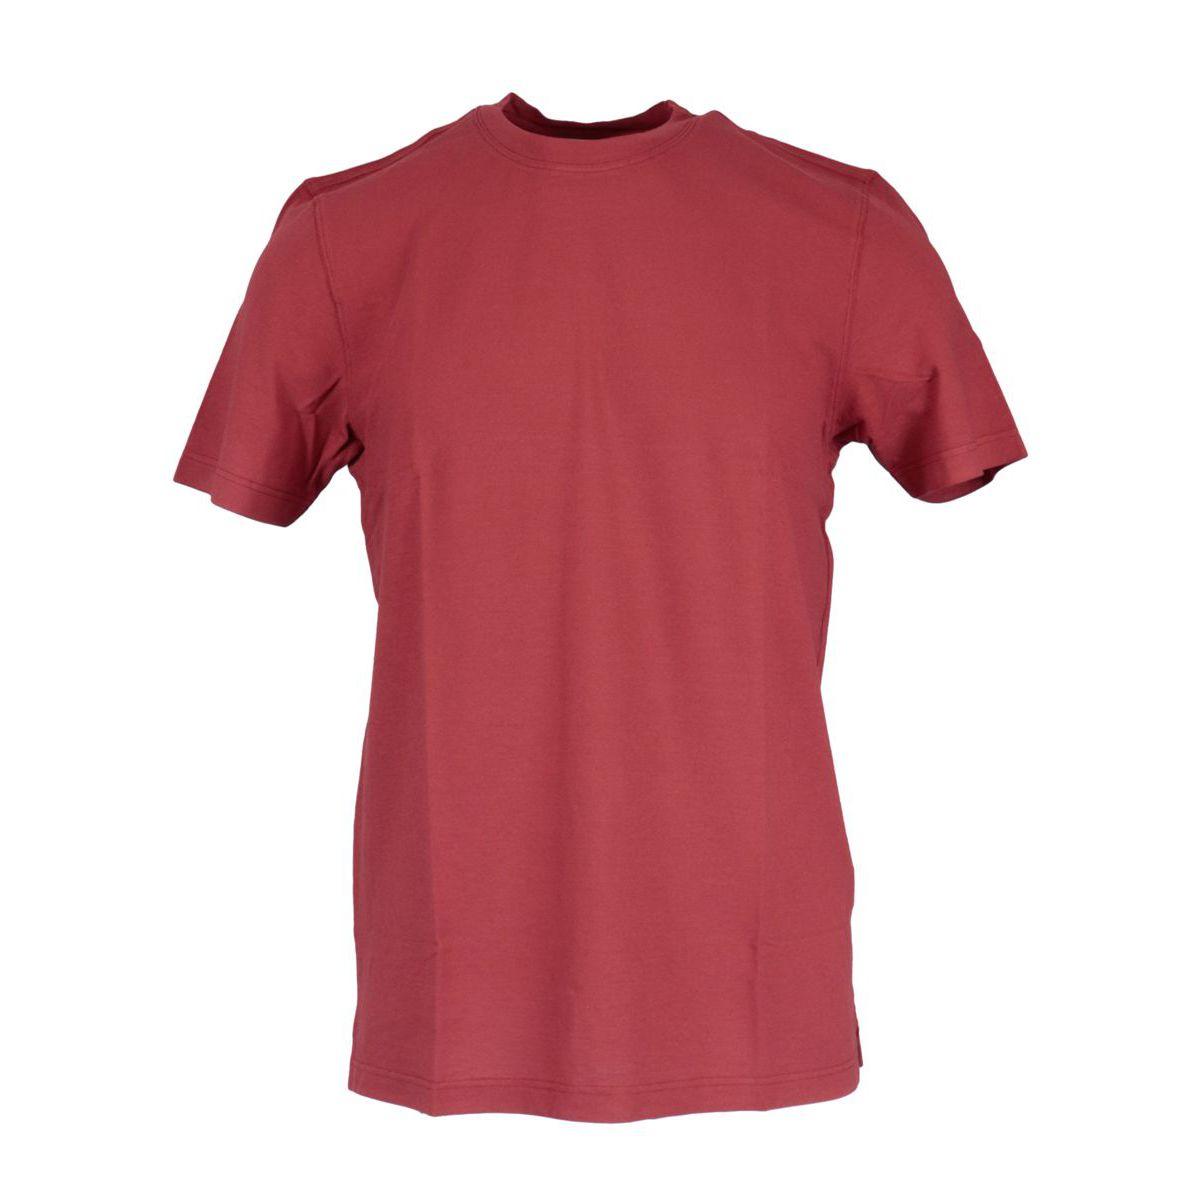 Crew neck t-shirt in ice cotton Dark red Gran Sasso